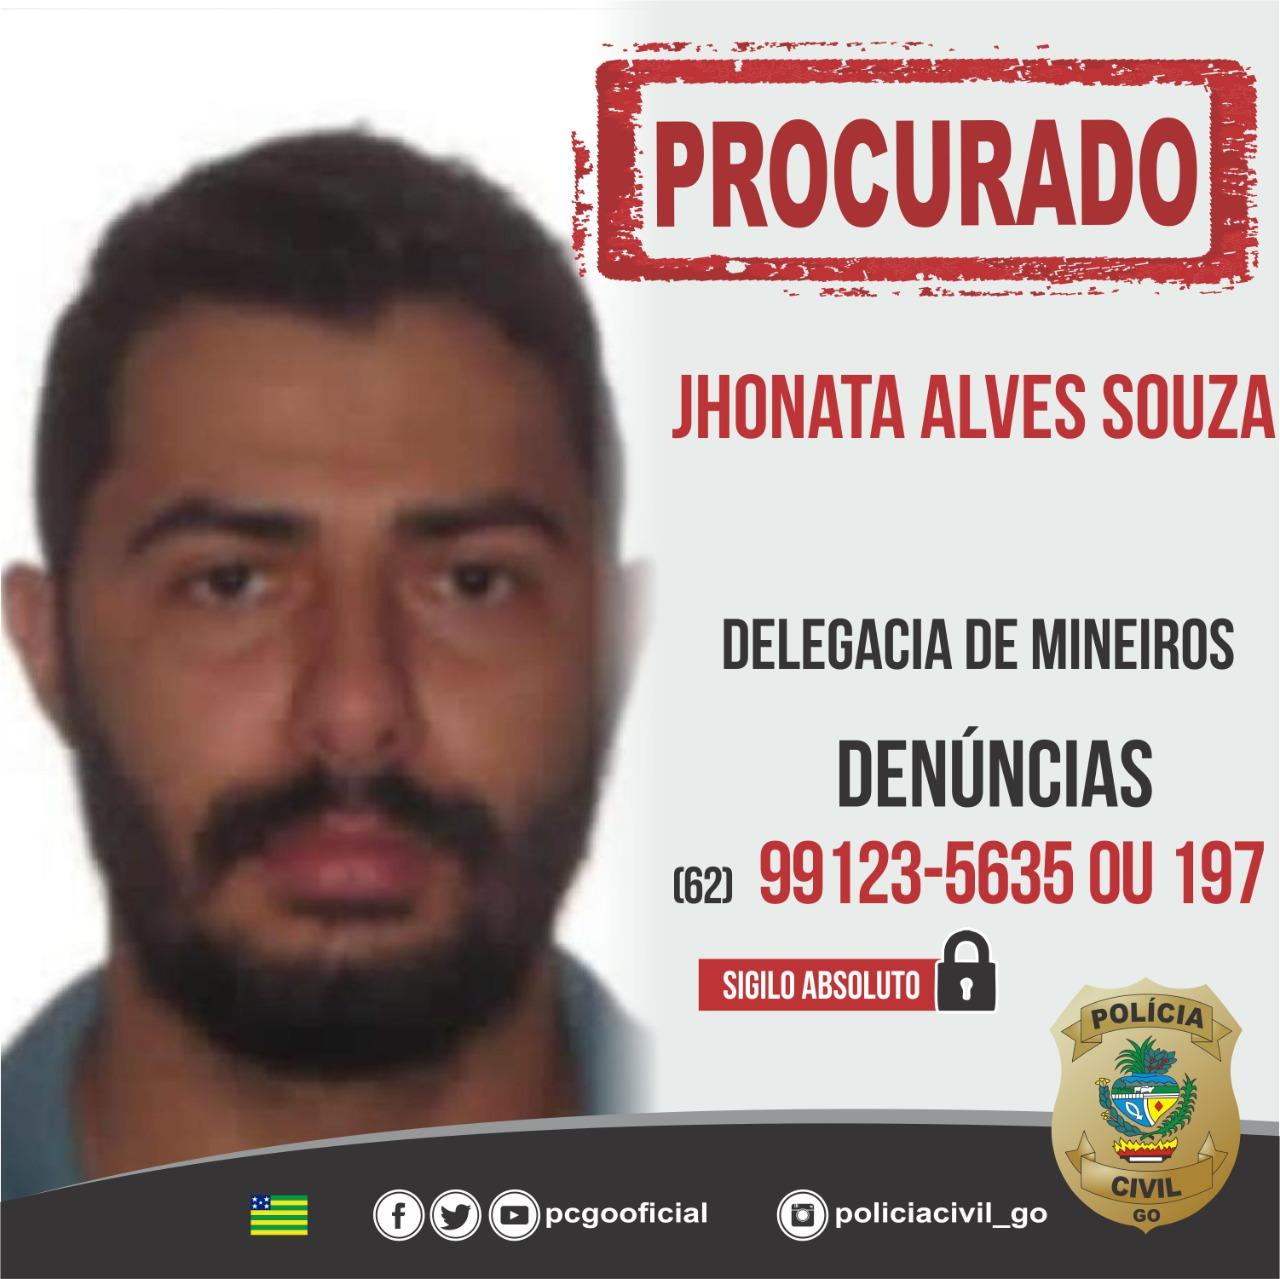 Policia prende suspeito de participar de assassinato de radialista em Mineiros